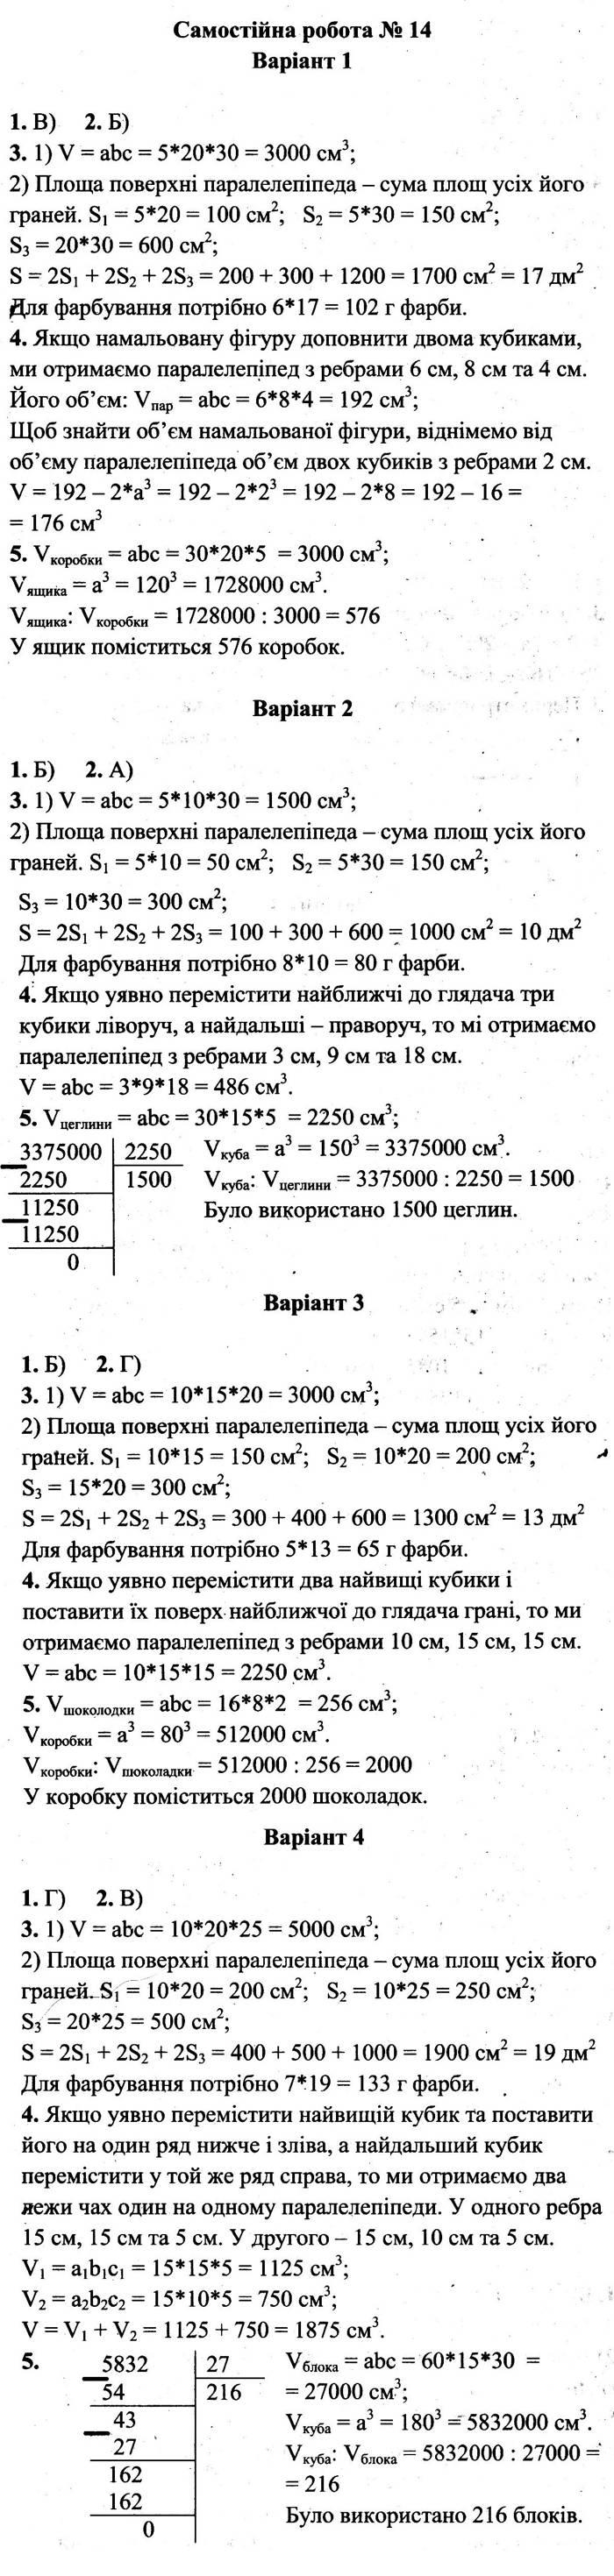 Розв'язання завдань до самостійної роботи 14 посібника 5 клас Математика Мерзляк (збірник самостійних робіт і тестів) 2020 рік